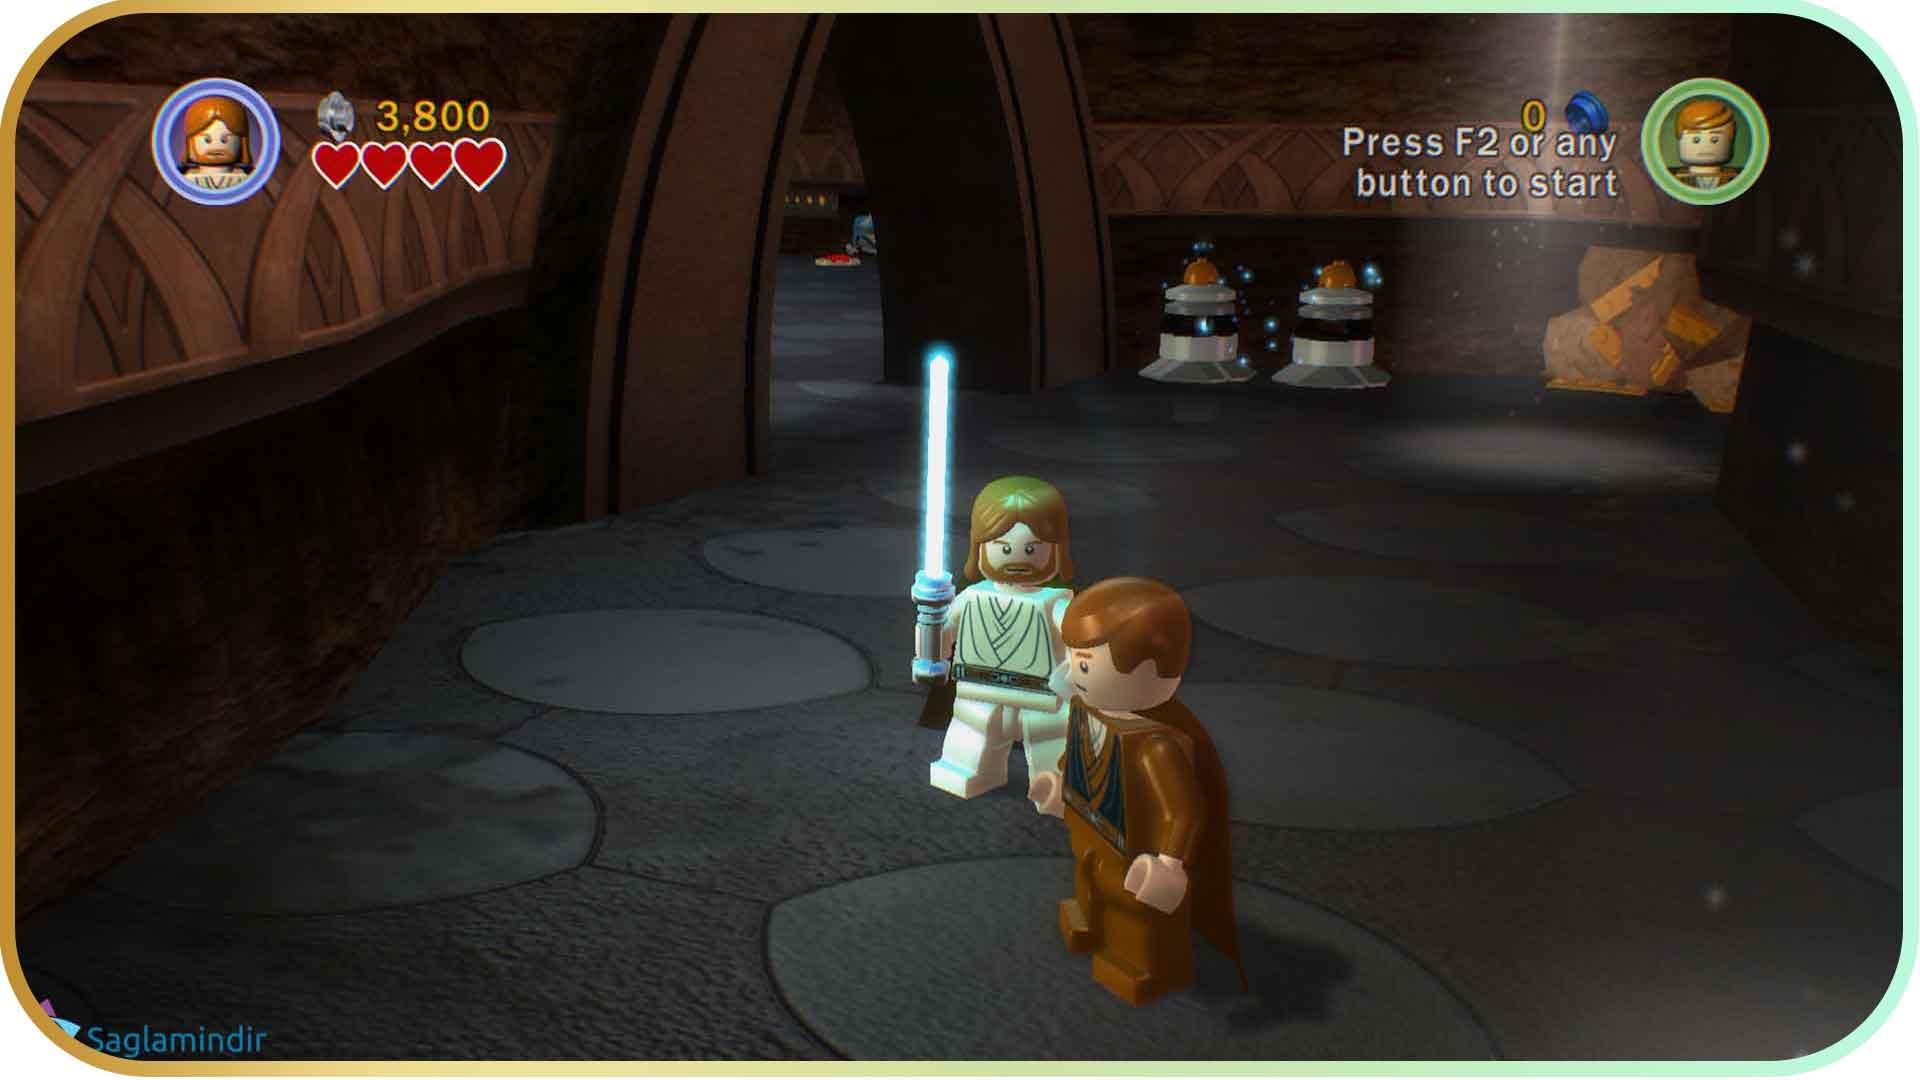 Lego-Star Wars-The Complete Saga torrent indir